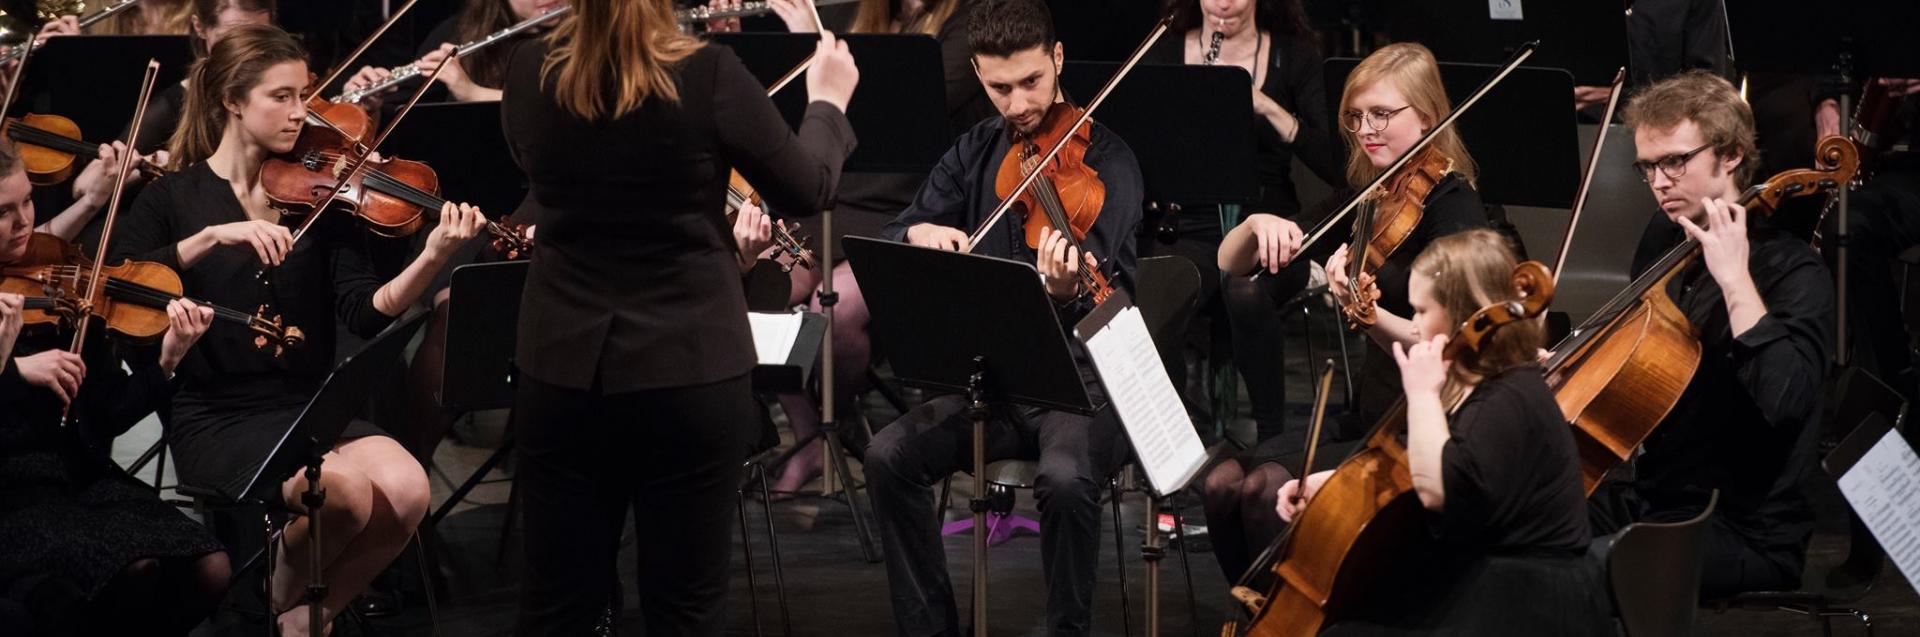 Symfoniorkester Bjergsted_Fakultet for utøvende kunstfag